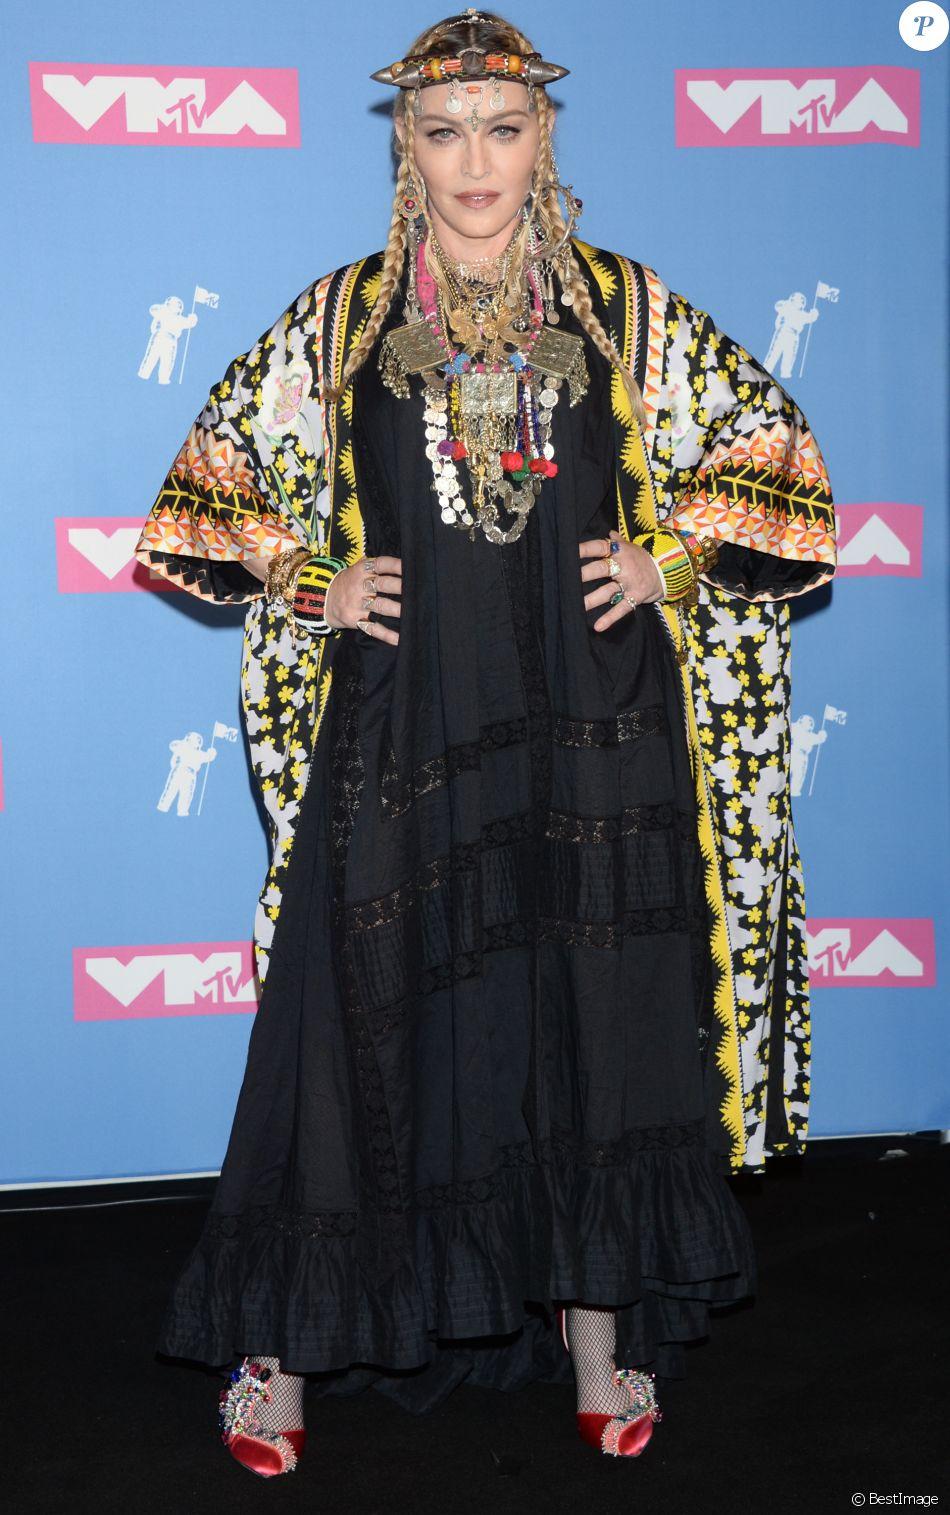 Madonna aux MTV Video Music Awards 2018 à New York, le 20 août 2018.